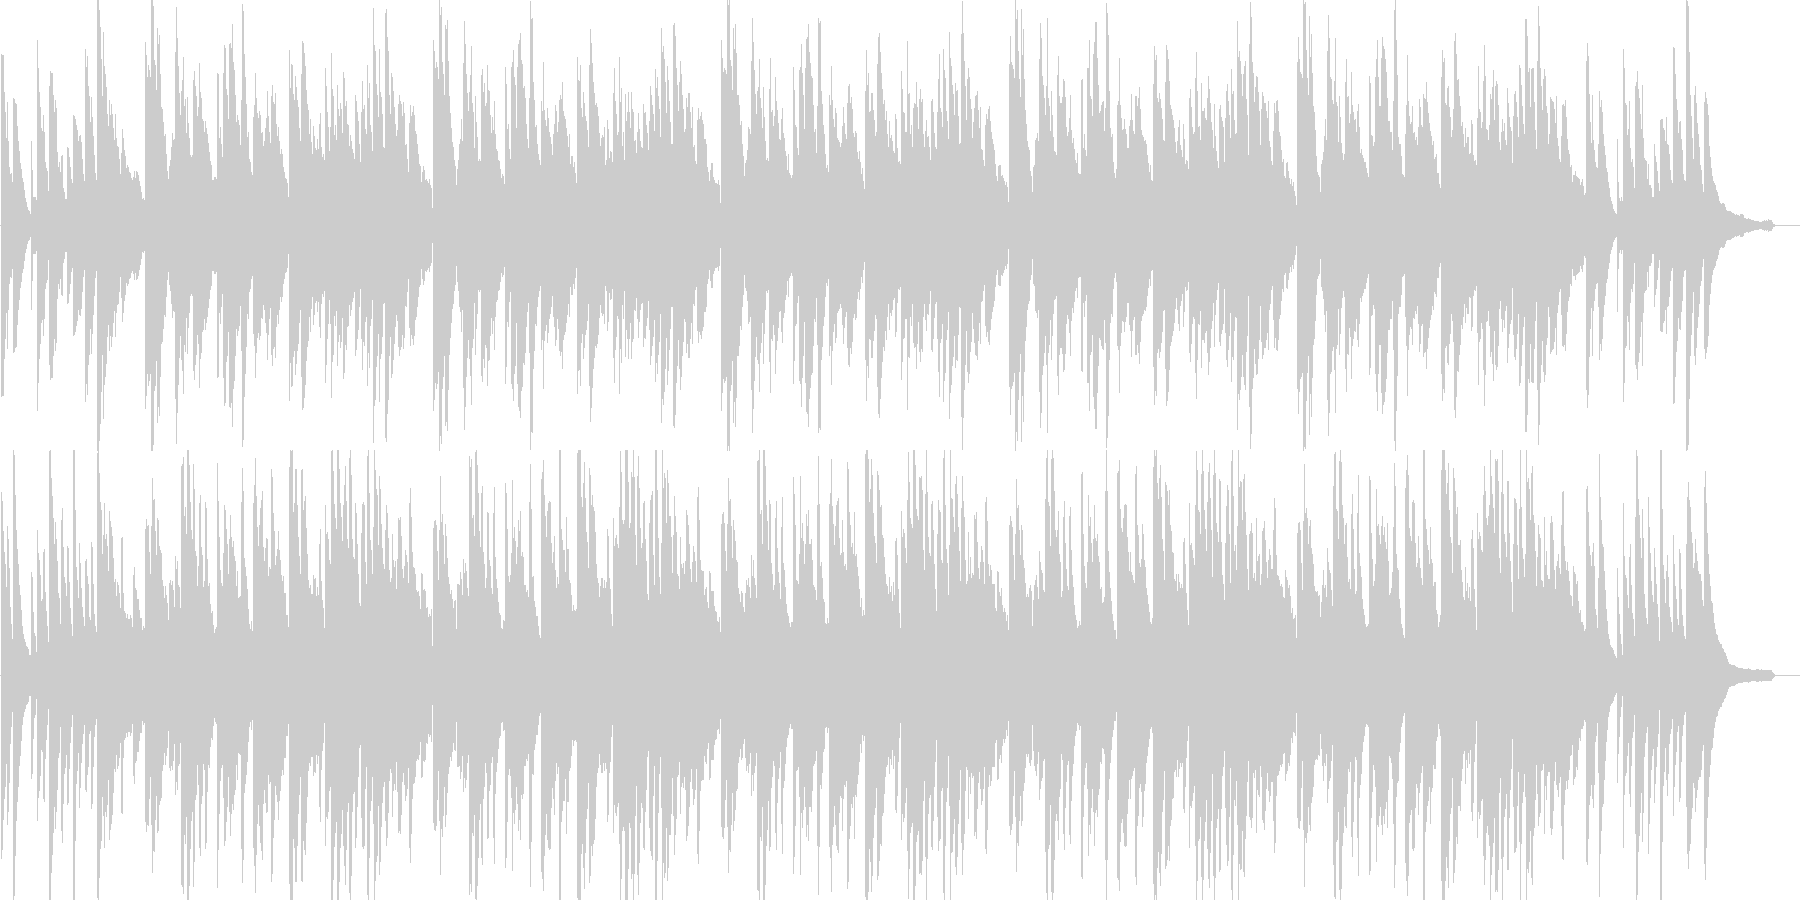 赤とんぼ(童謡)ピアノ&ストリングス)の未再生の波形